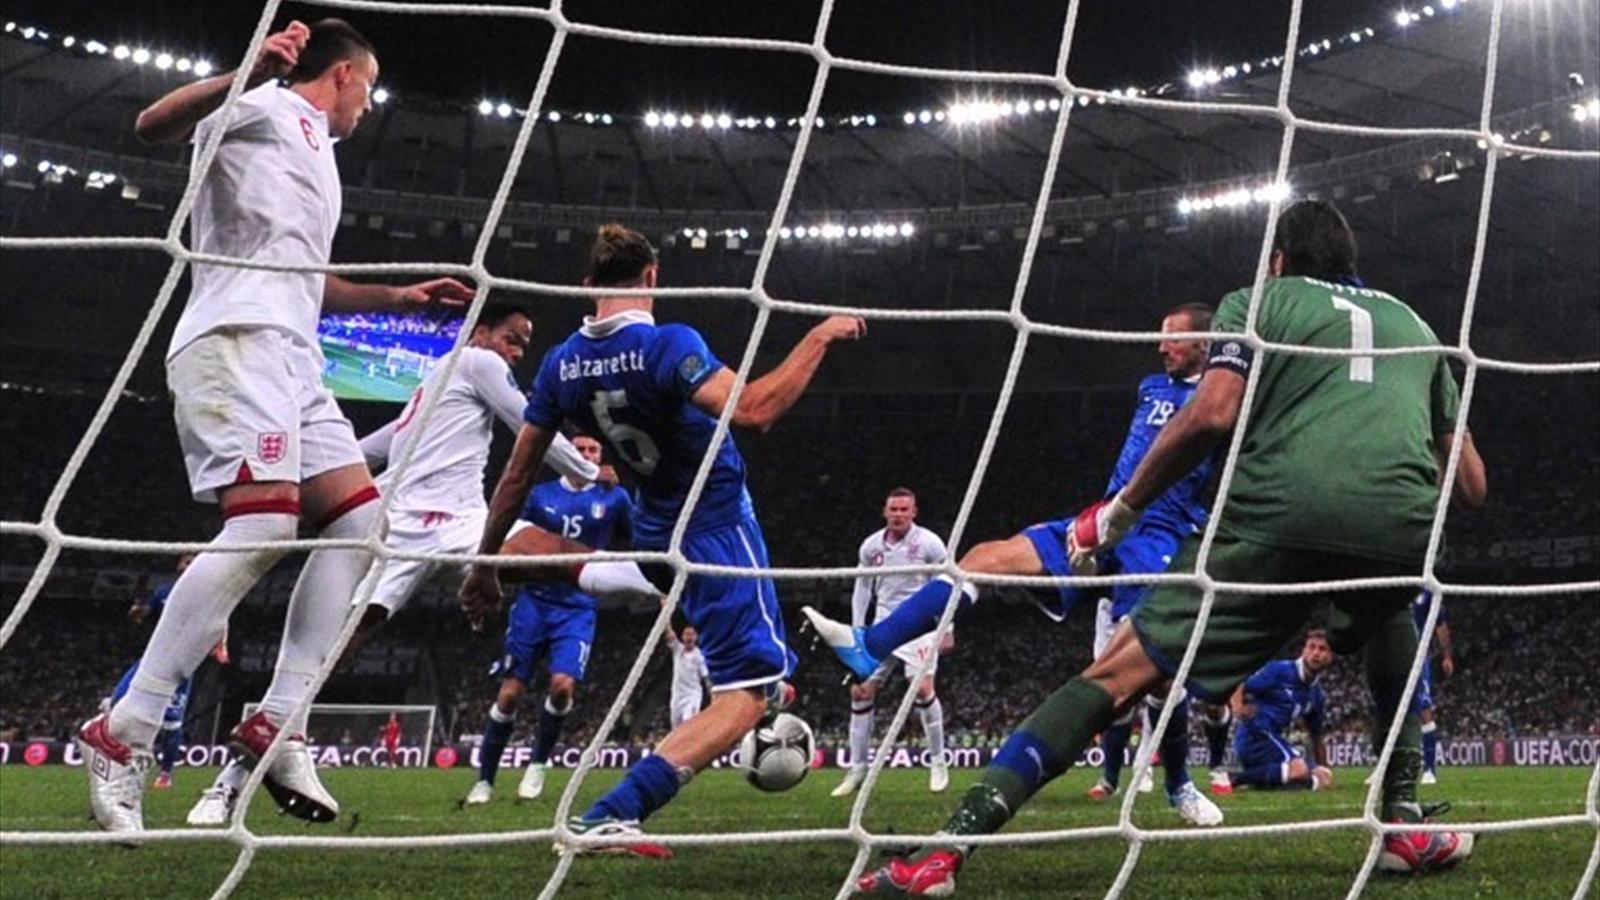 германия франция футбол товарищеский матч 2017 счет полу очень